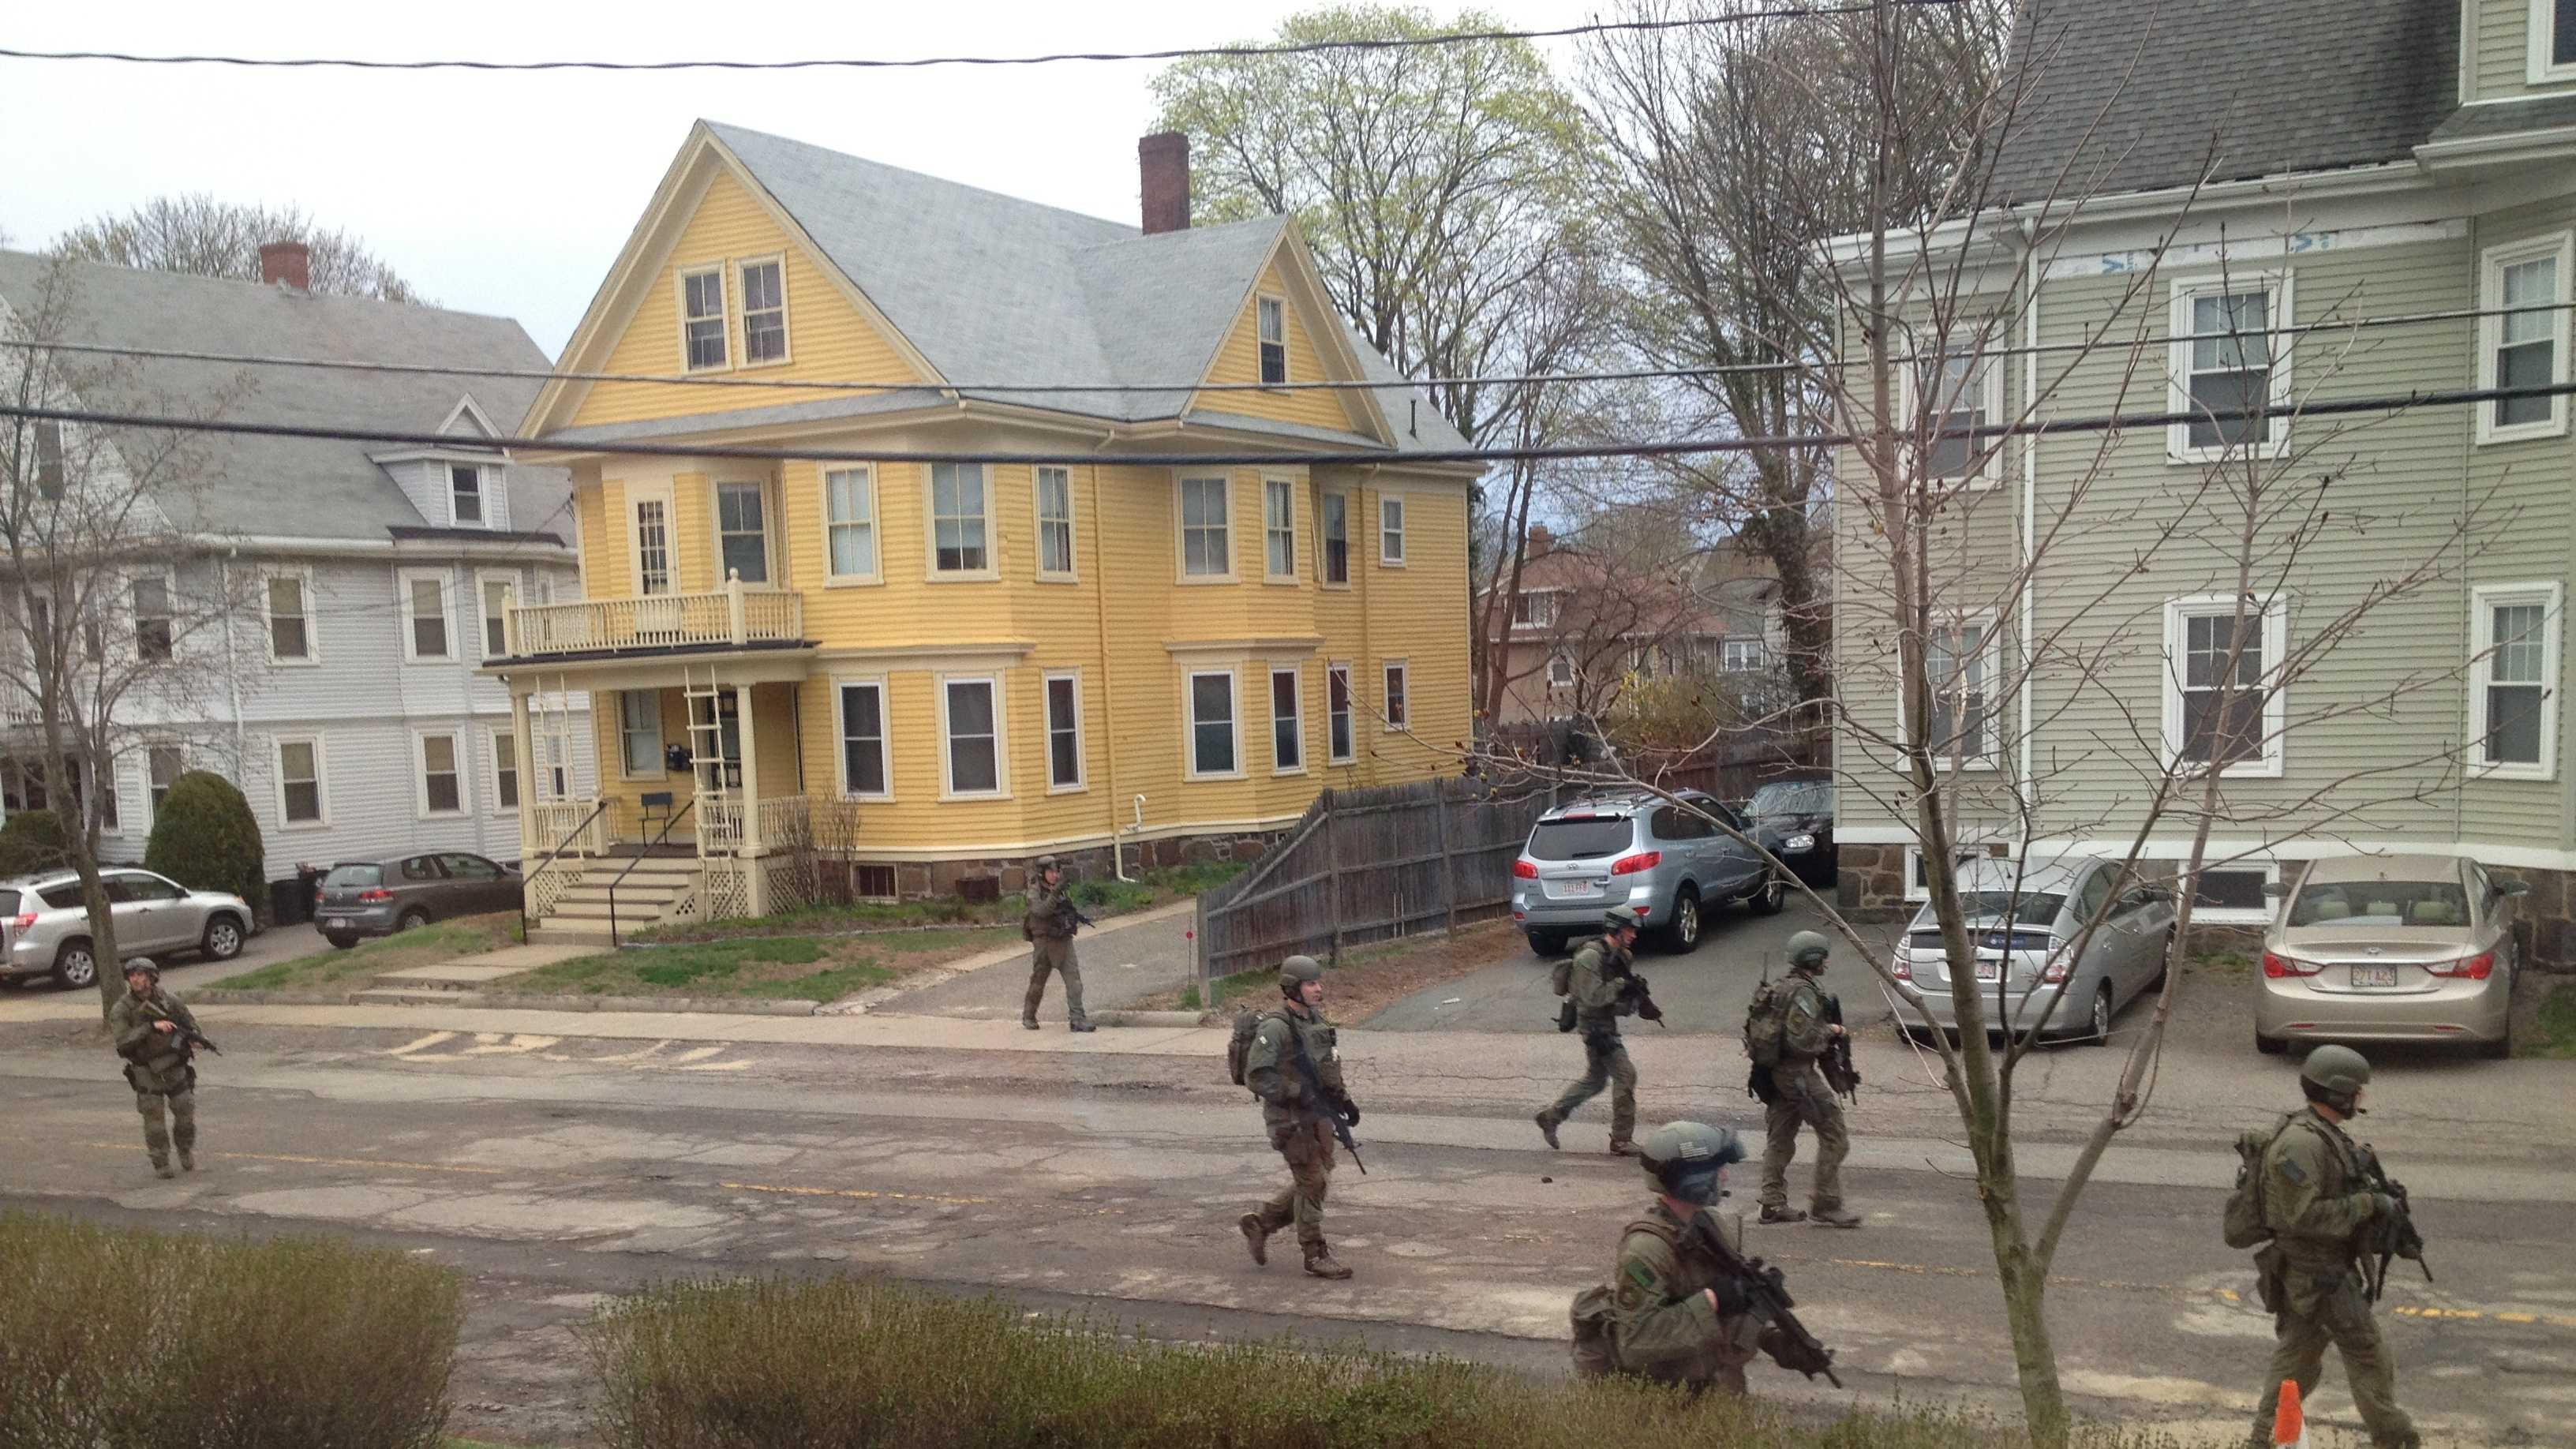 Police conduct door-to-door searches in Watertown